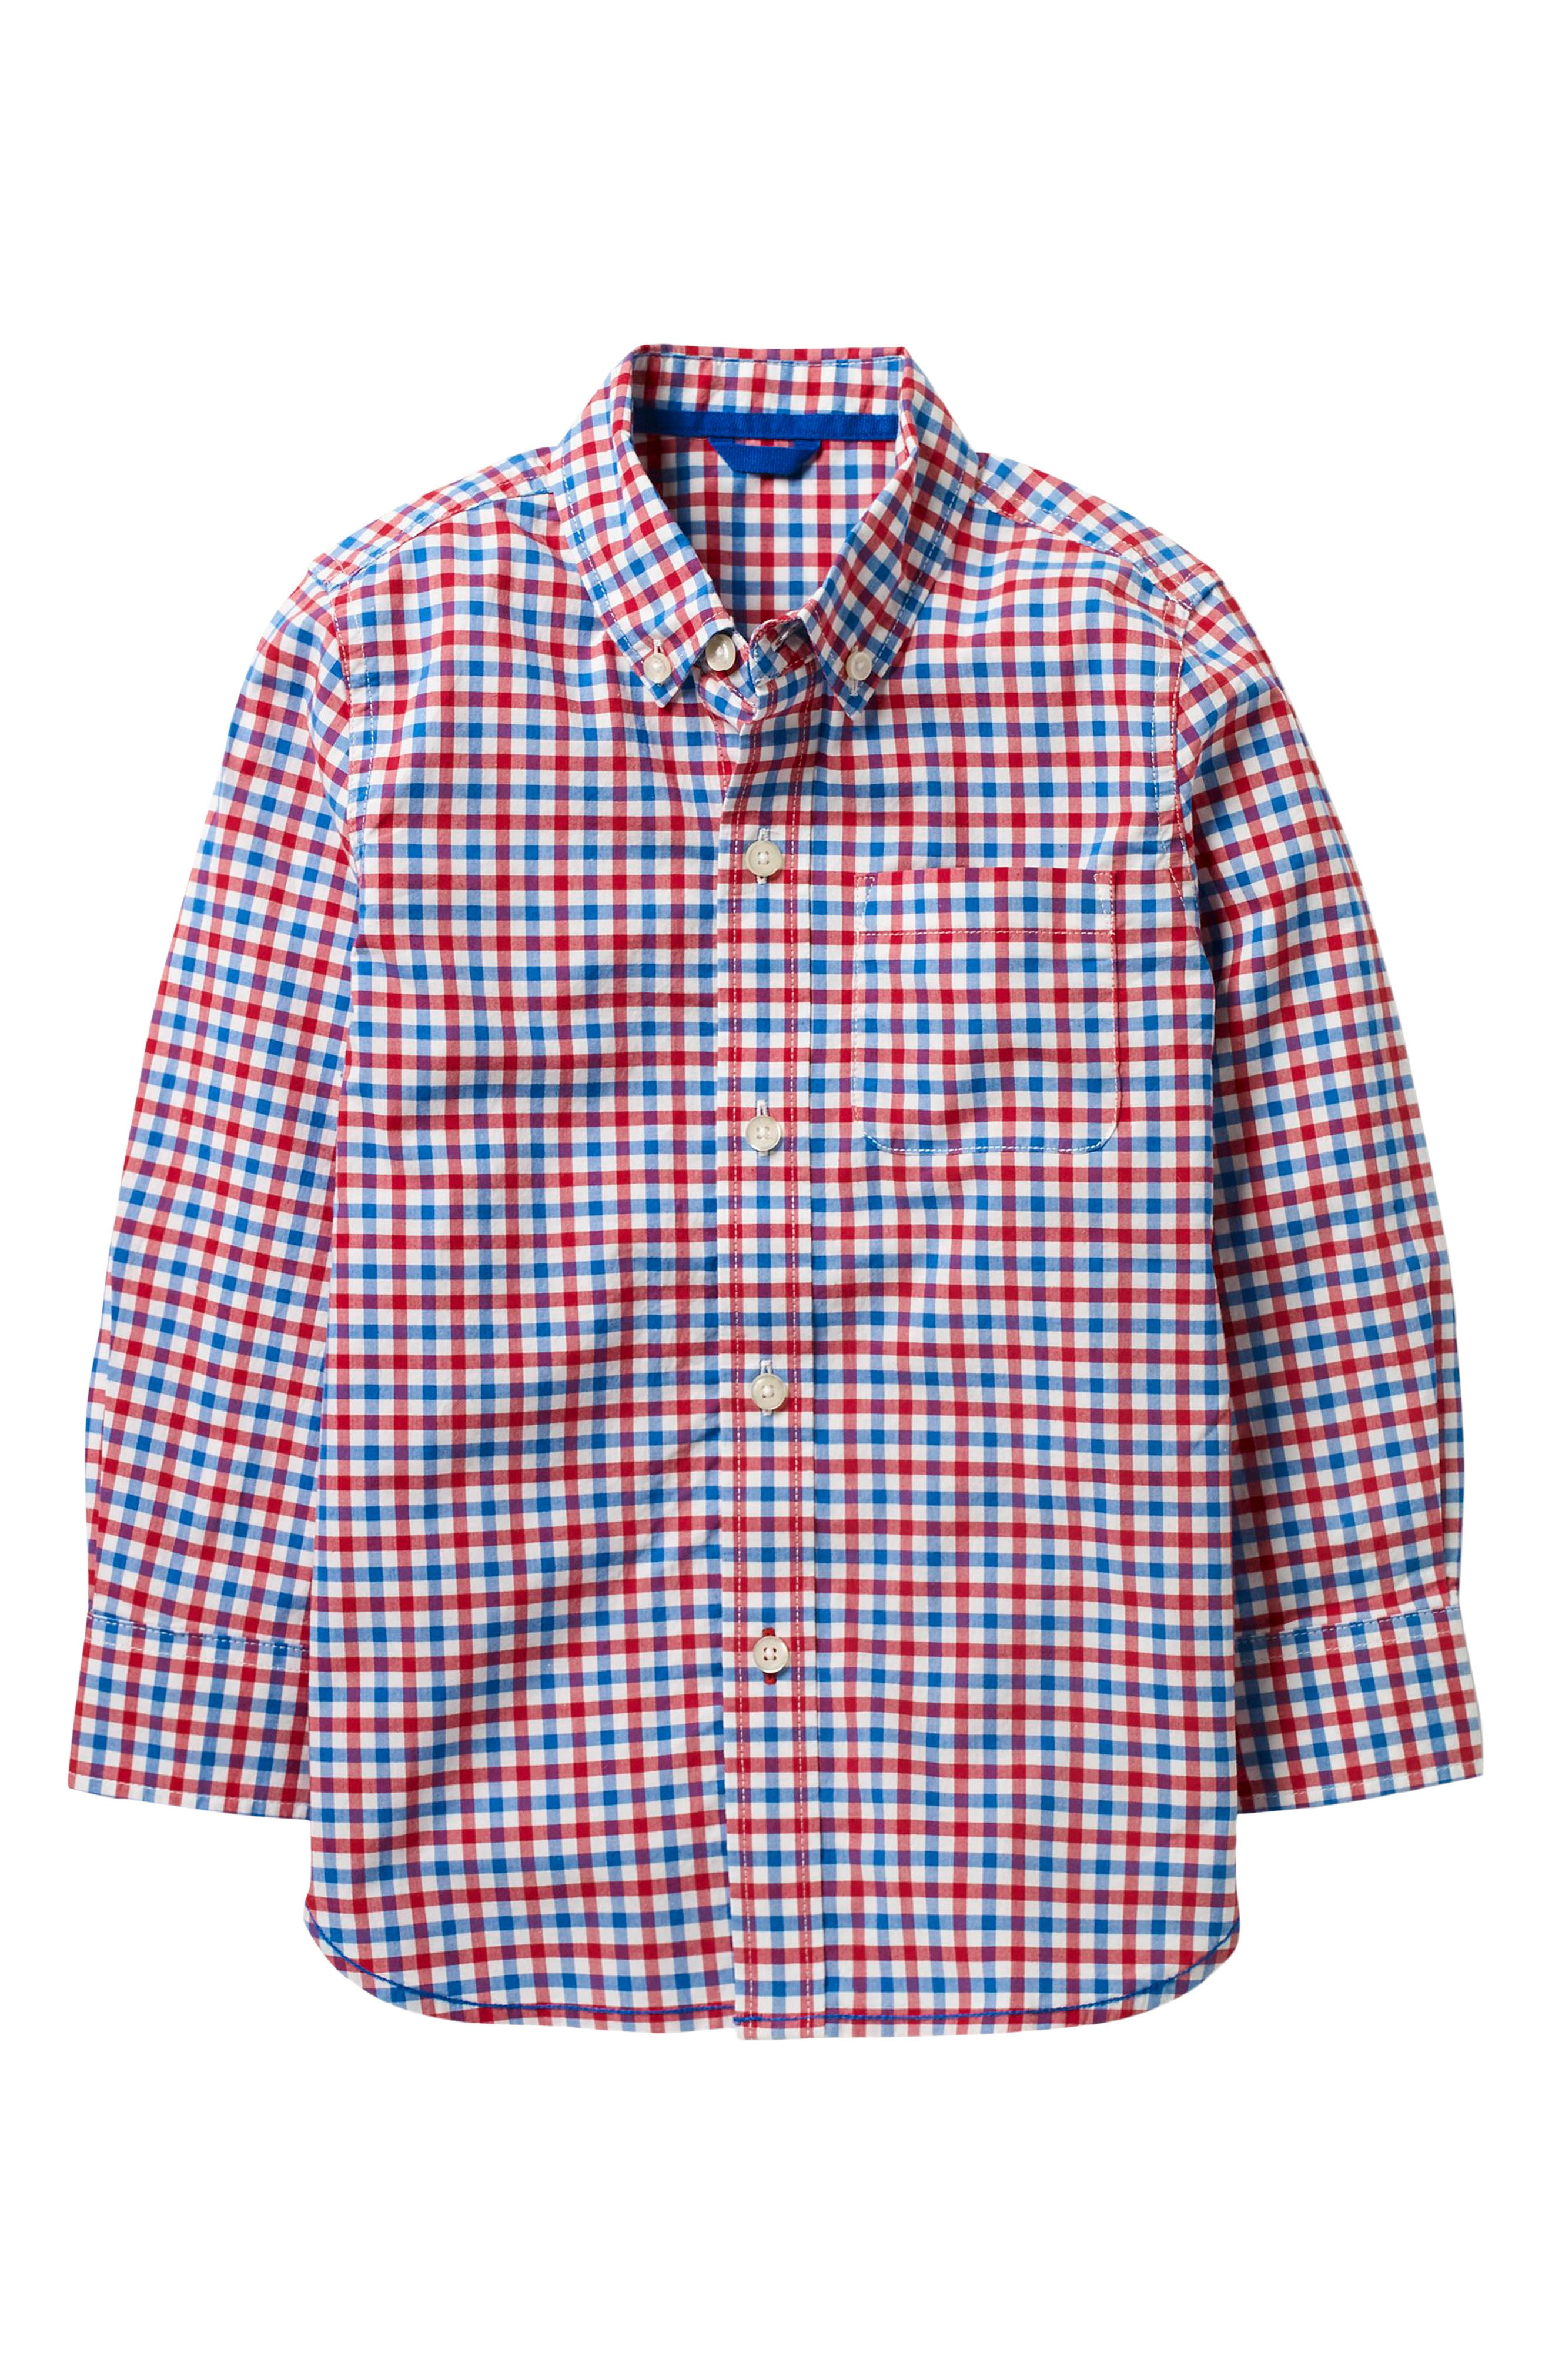 Mini Boden Laundered Gingham Woven Shirt (Toddler Boys, Little Boys & Big Boys)